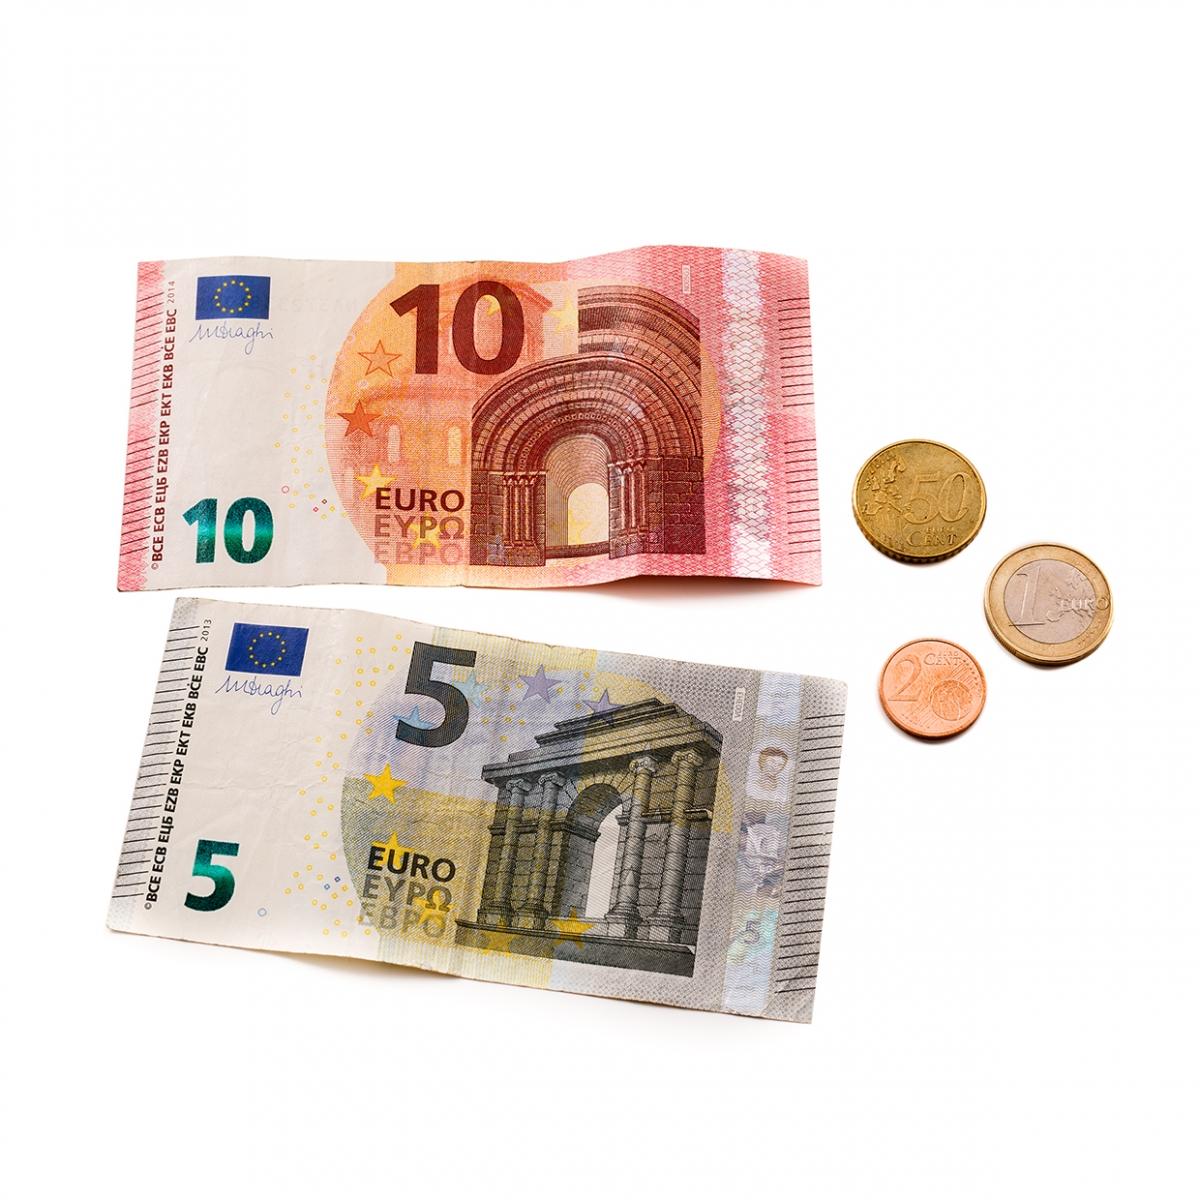 Imagen en la que se ven dos billetes y tres monedas